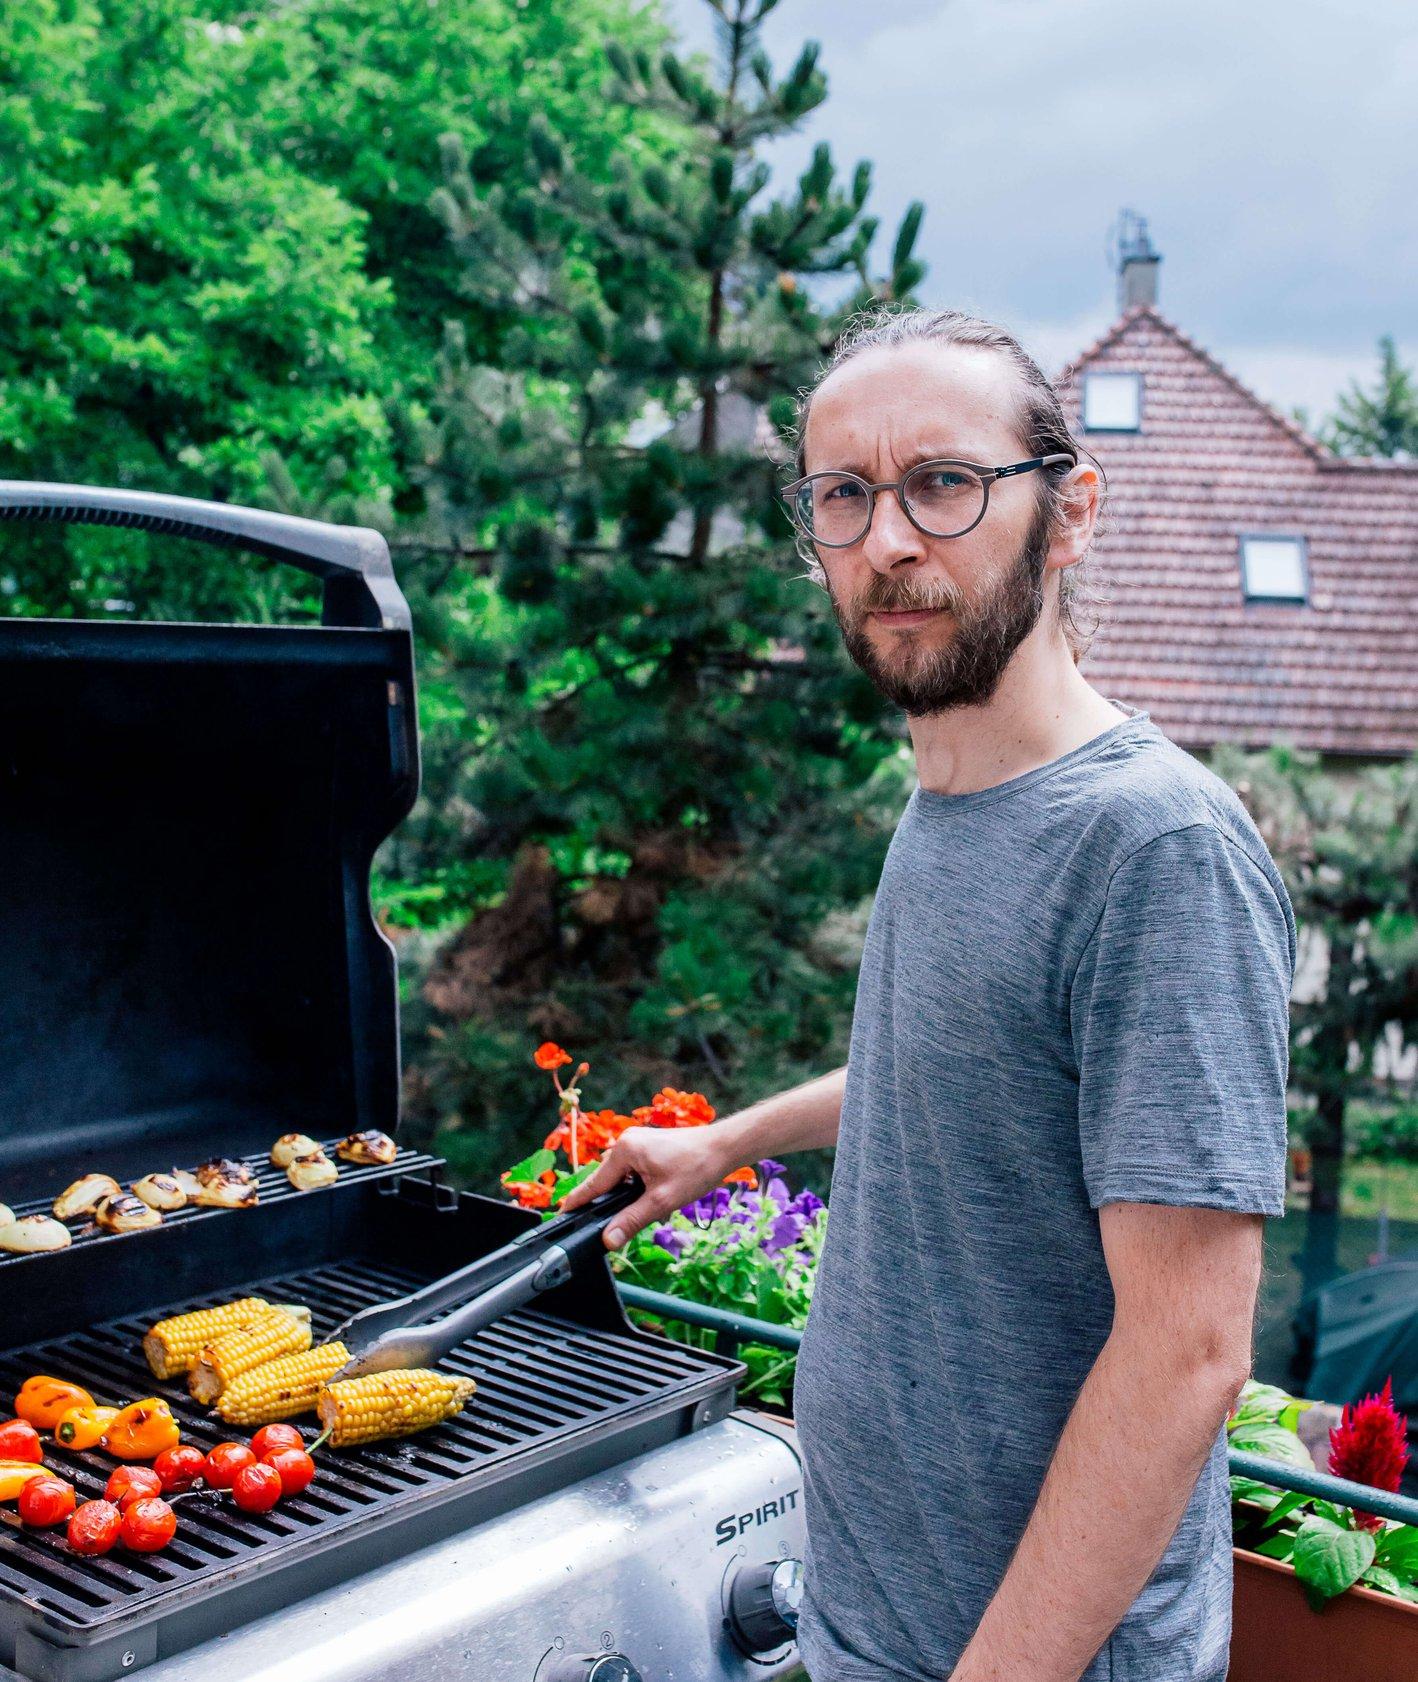 Portret Piotra Cyny, kucharza krakowskiej restauracji Youmiko przy domowym grillu. (fot. Michał Lichtański)